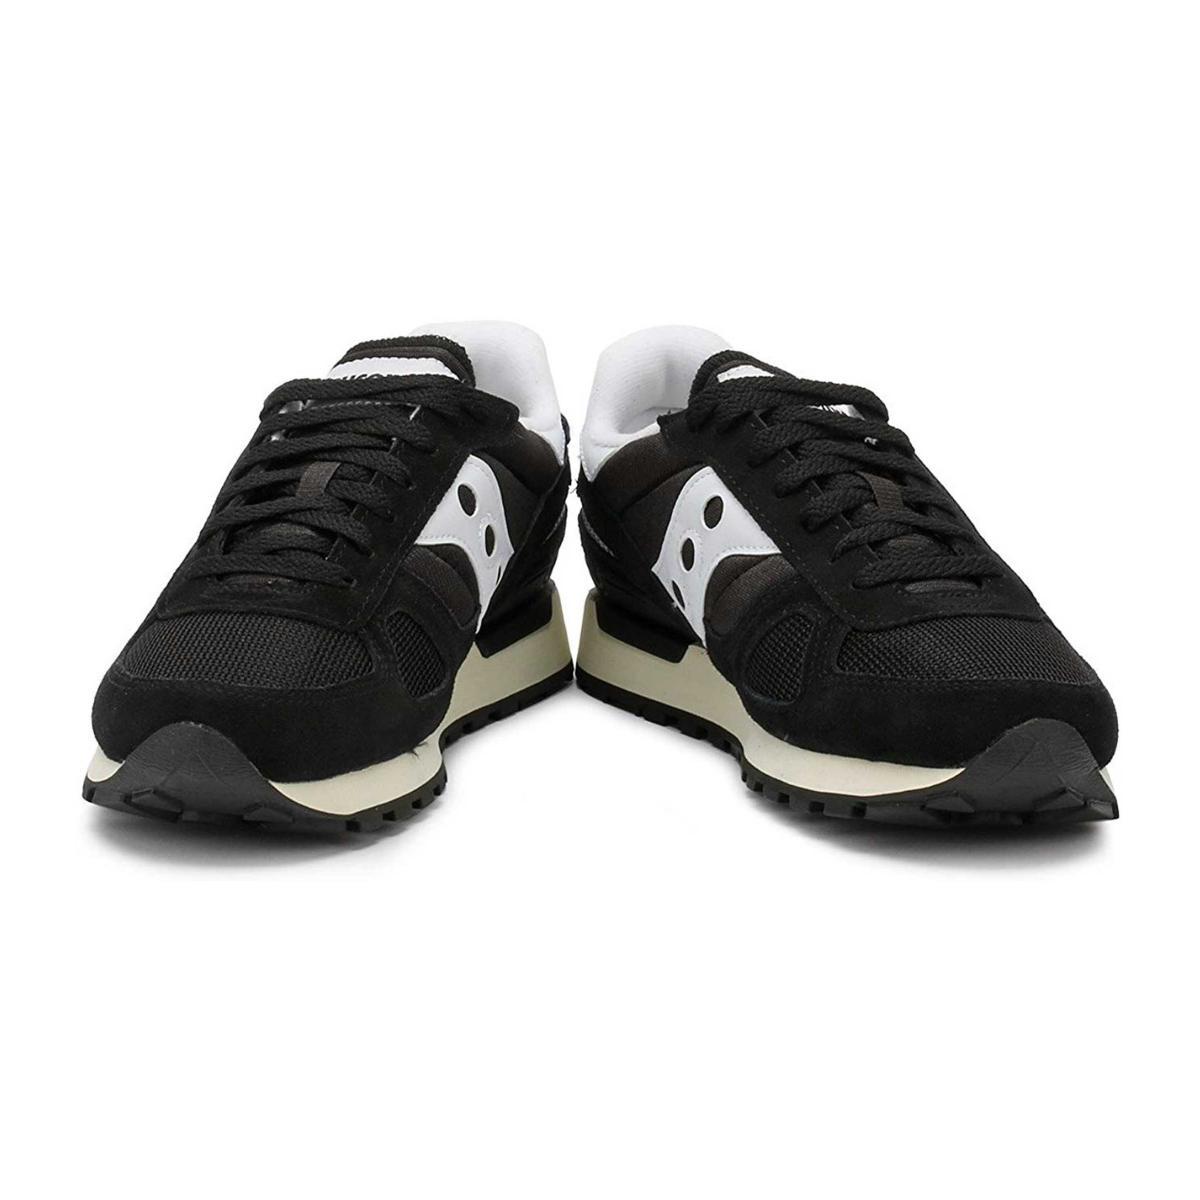 Scarpe Sneakers Saucony Shadow Original Vintage Uomo Rif. S70424-2